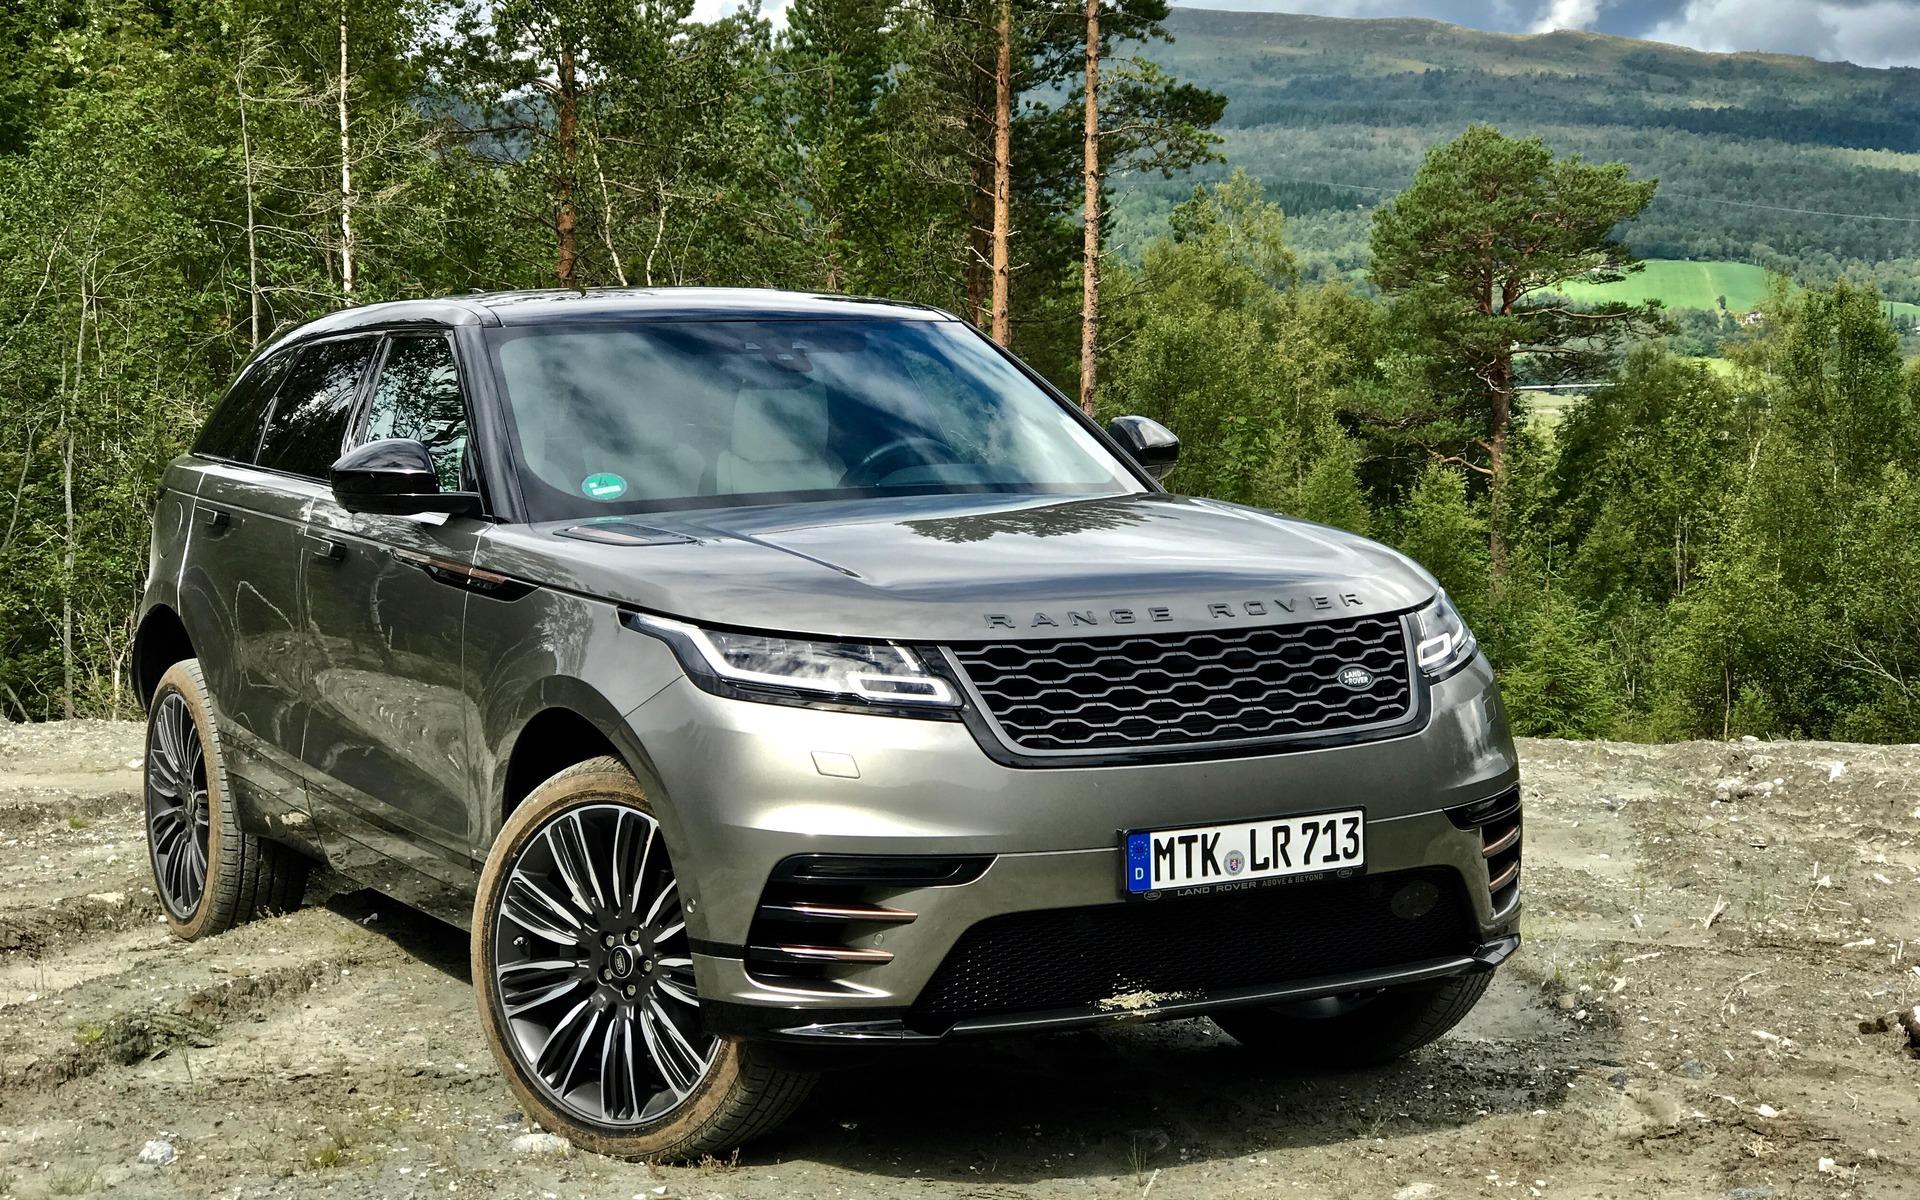 Range Rover Velar 2018 Vhicule Hors Route Galant